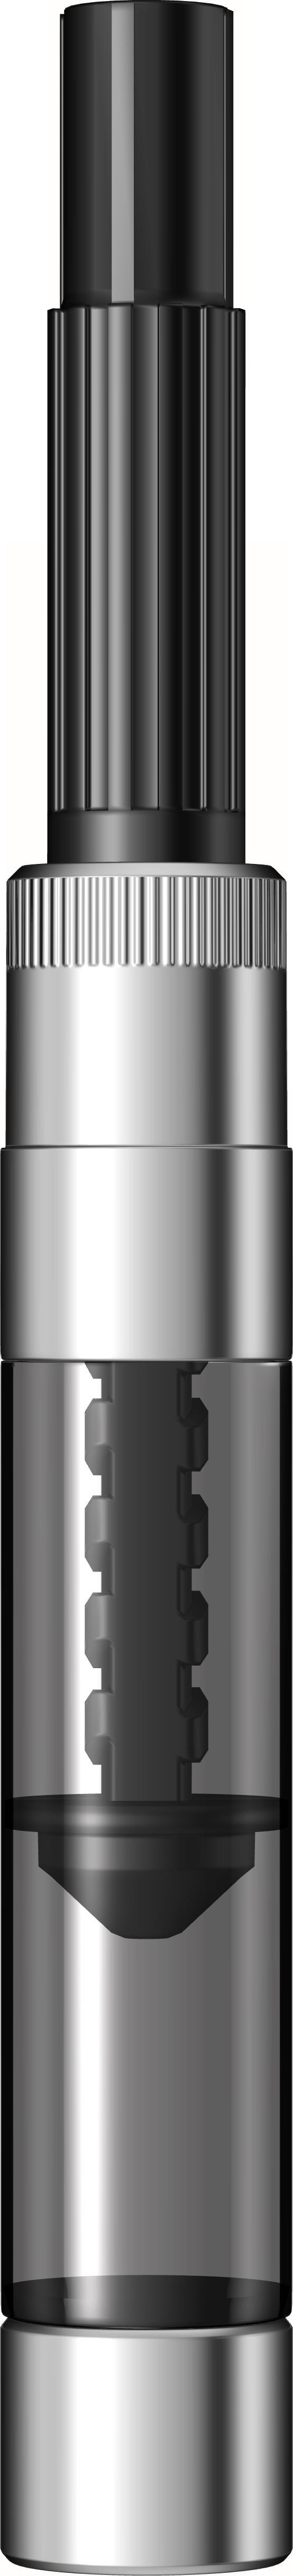 Premier-325